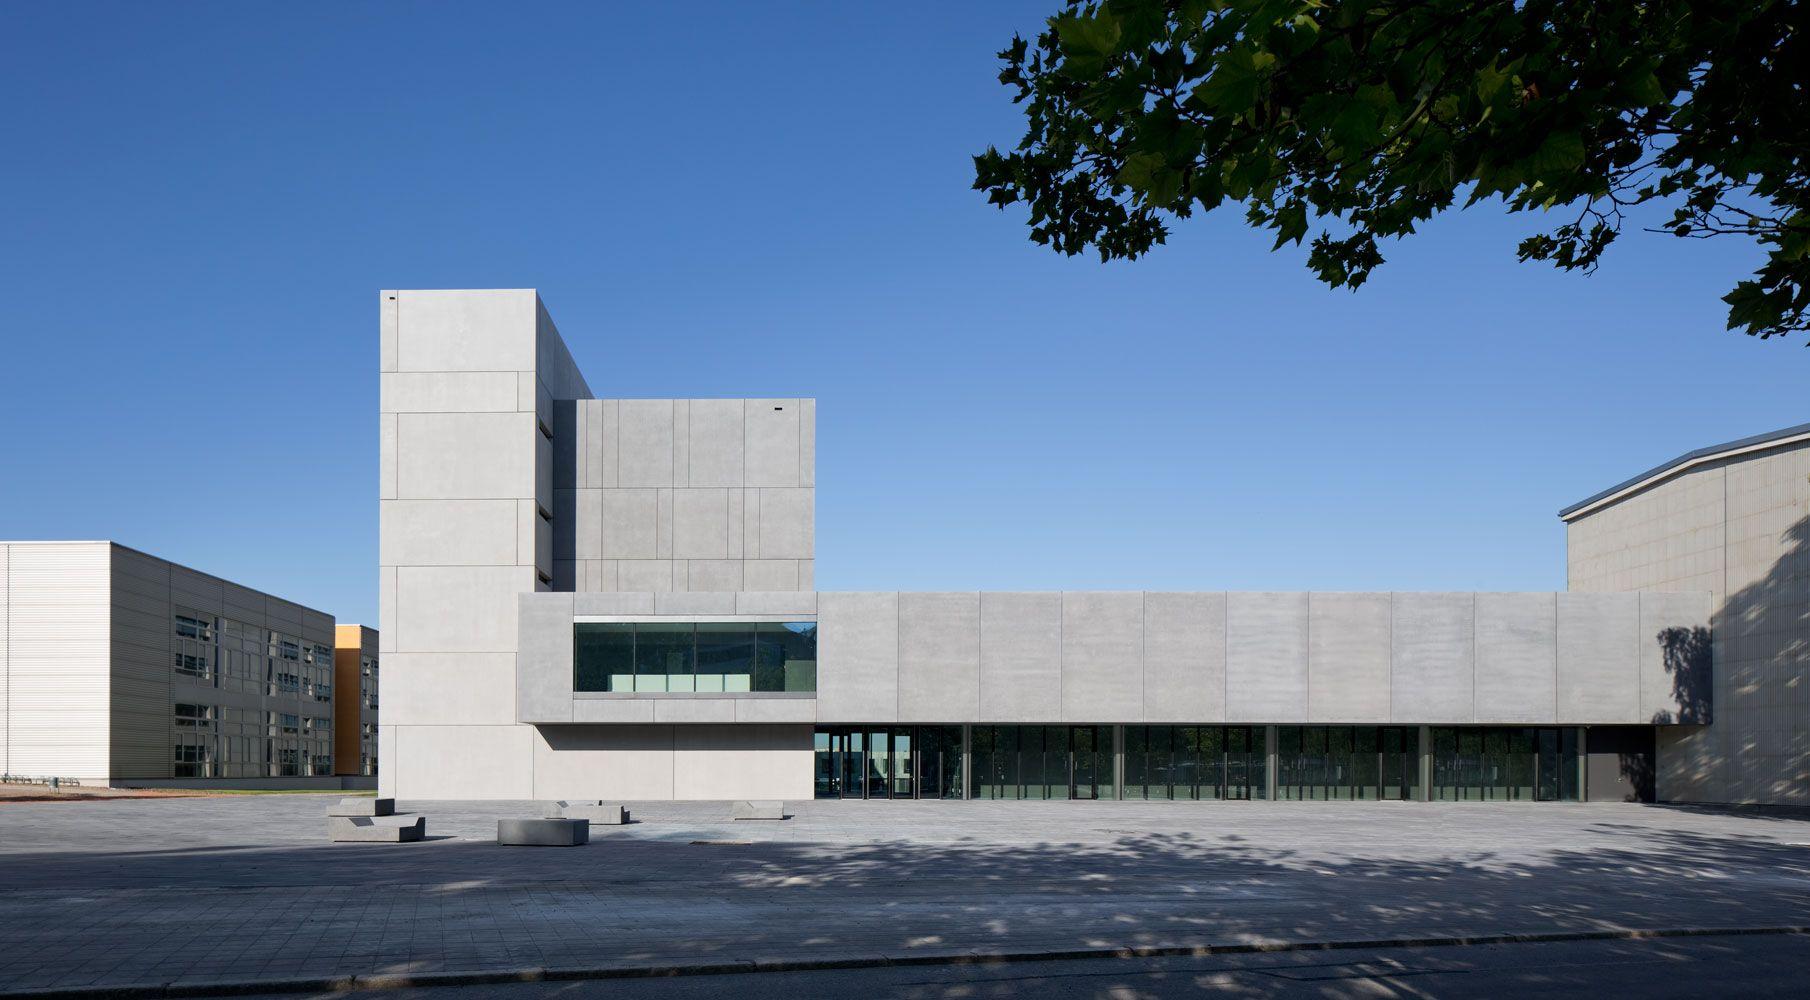 Architekt Chemnitz smac wiedereröffnung des kaufhaus schocken in chemnitz chemnitz